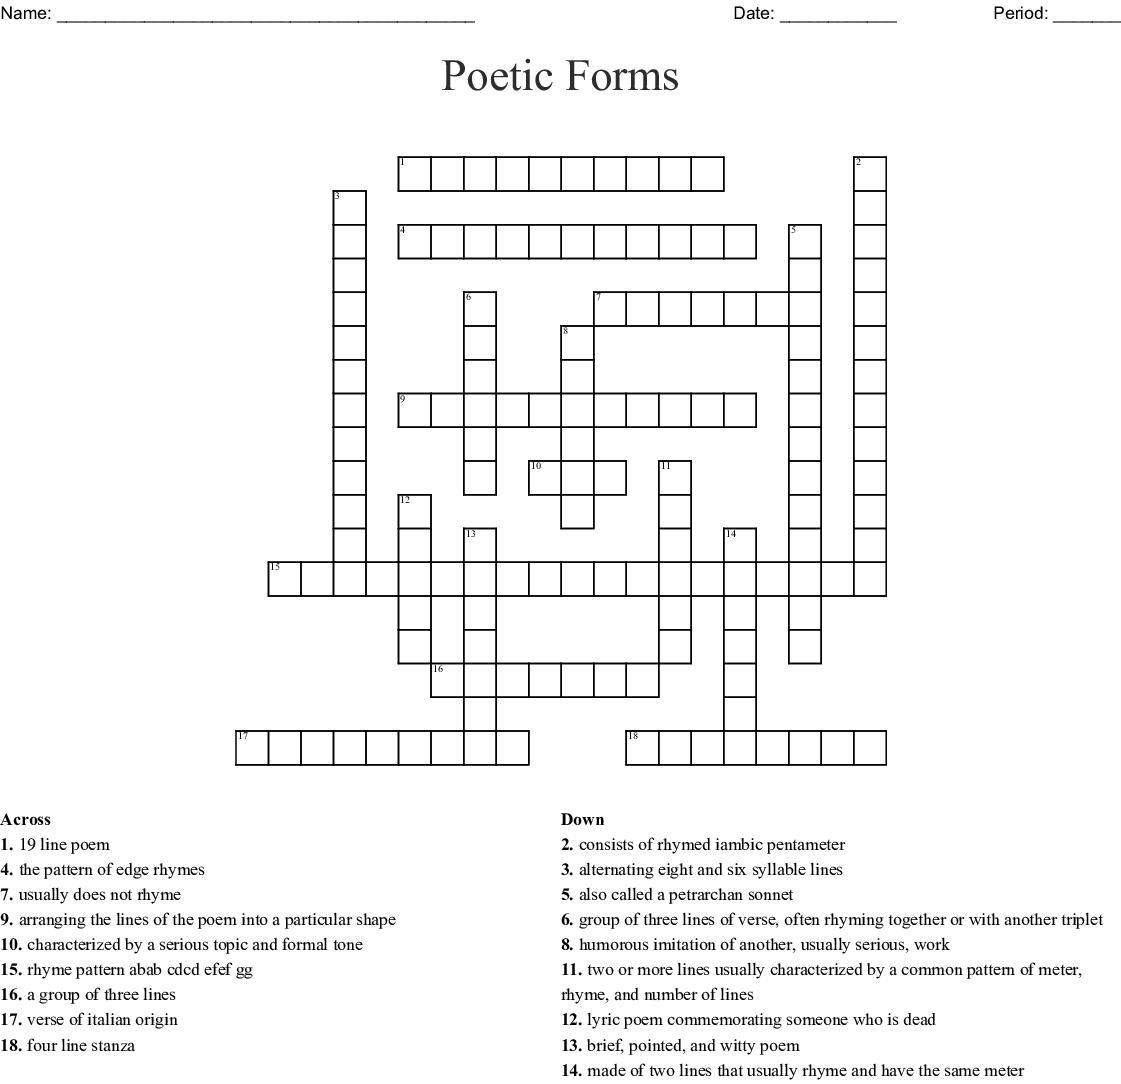 Poetic Forms Crossword Wordmint